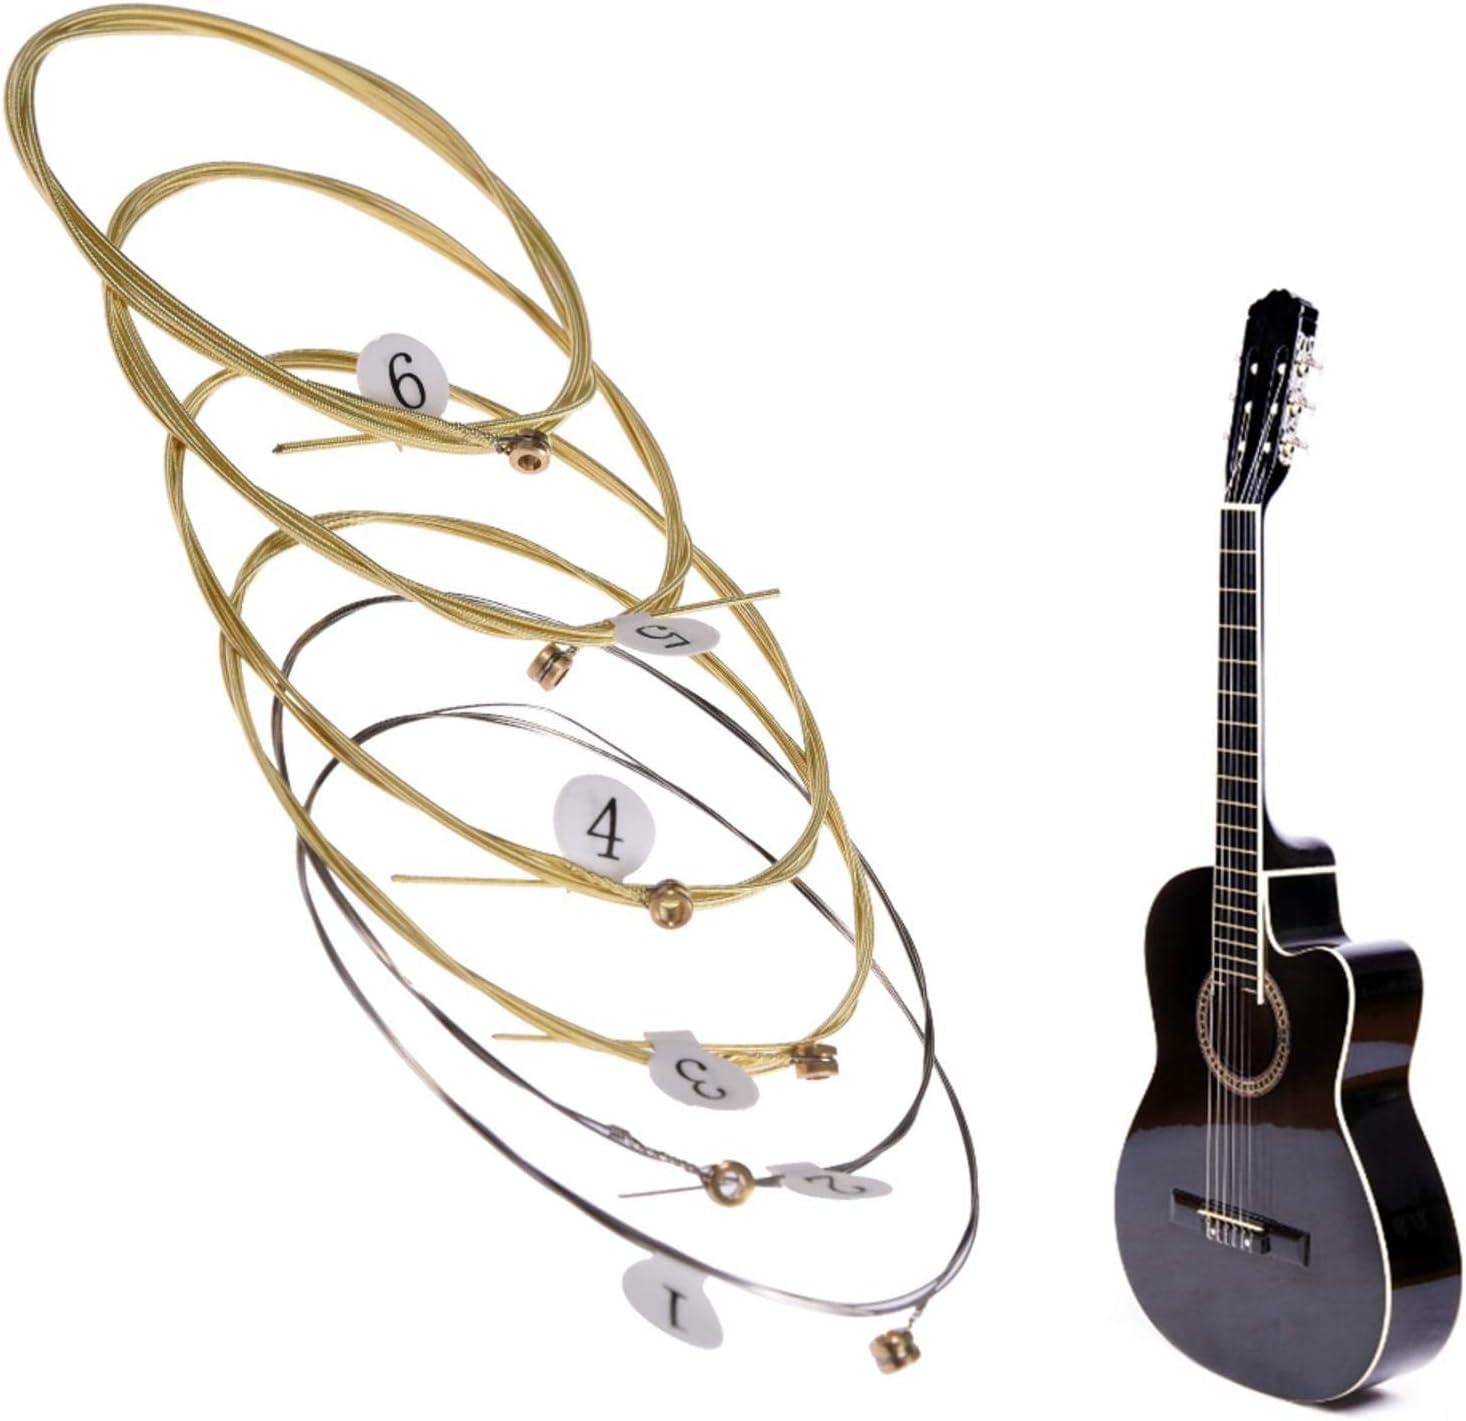 Cuerdas de guitarra acústica, Cuerdas de guitarra acústica universal Cuerdas de núcleo de acero hexagonal de latón para instrumentos musicales, Cuerdas de guitarra de bronce Juego de 6 cuerdas